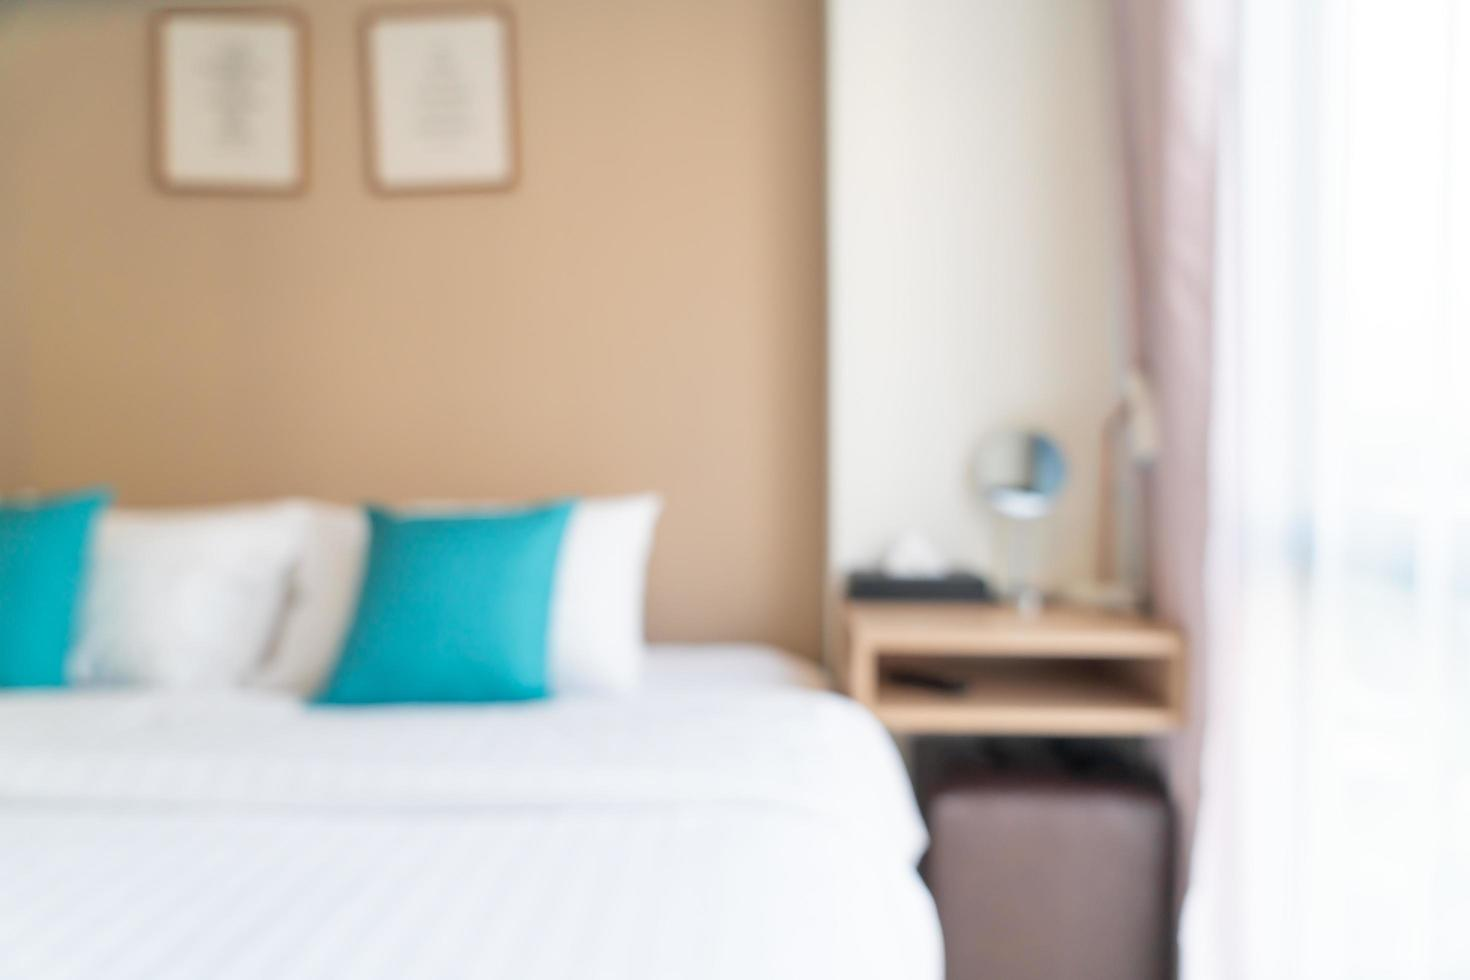 Cama de desenfoque abstracto en el dormitorio de fondo foto